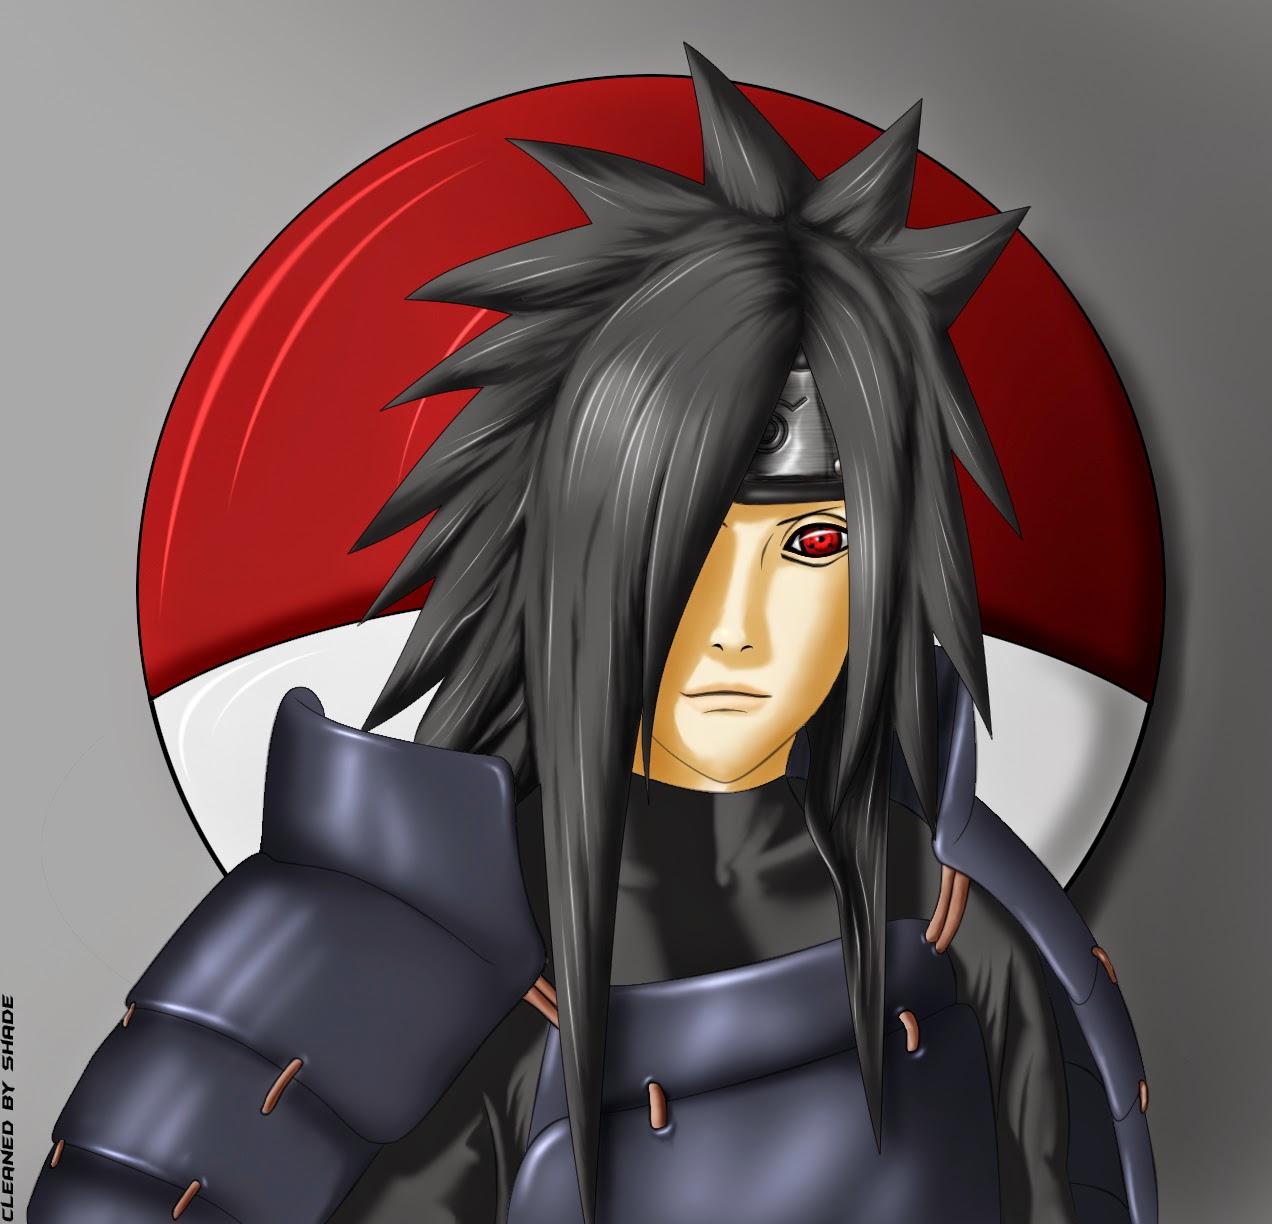 Naruto Madara Wallpapers Top Free Naruto Madara Backgrounds